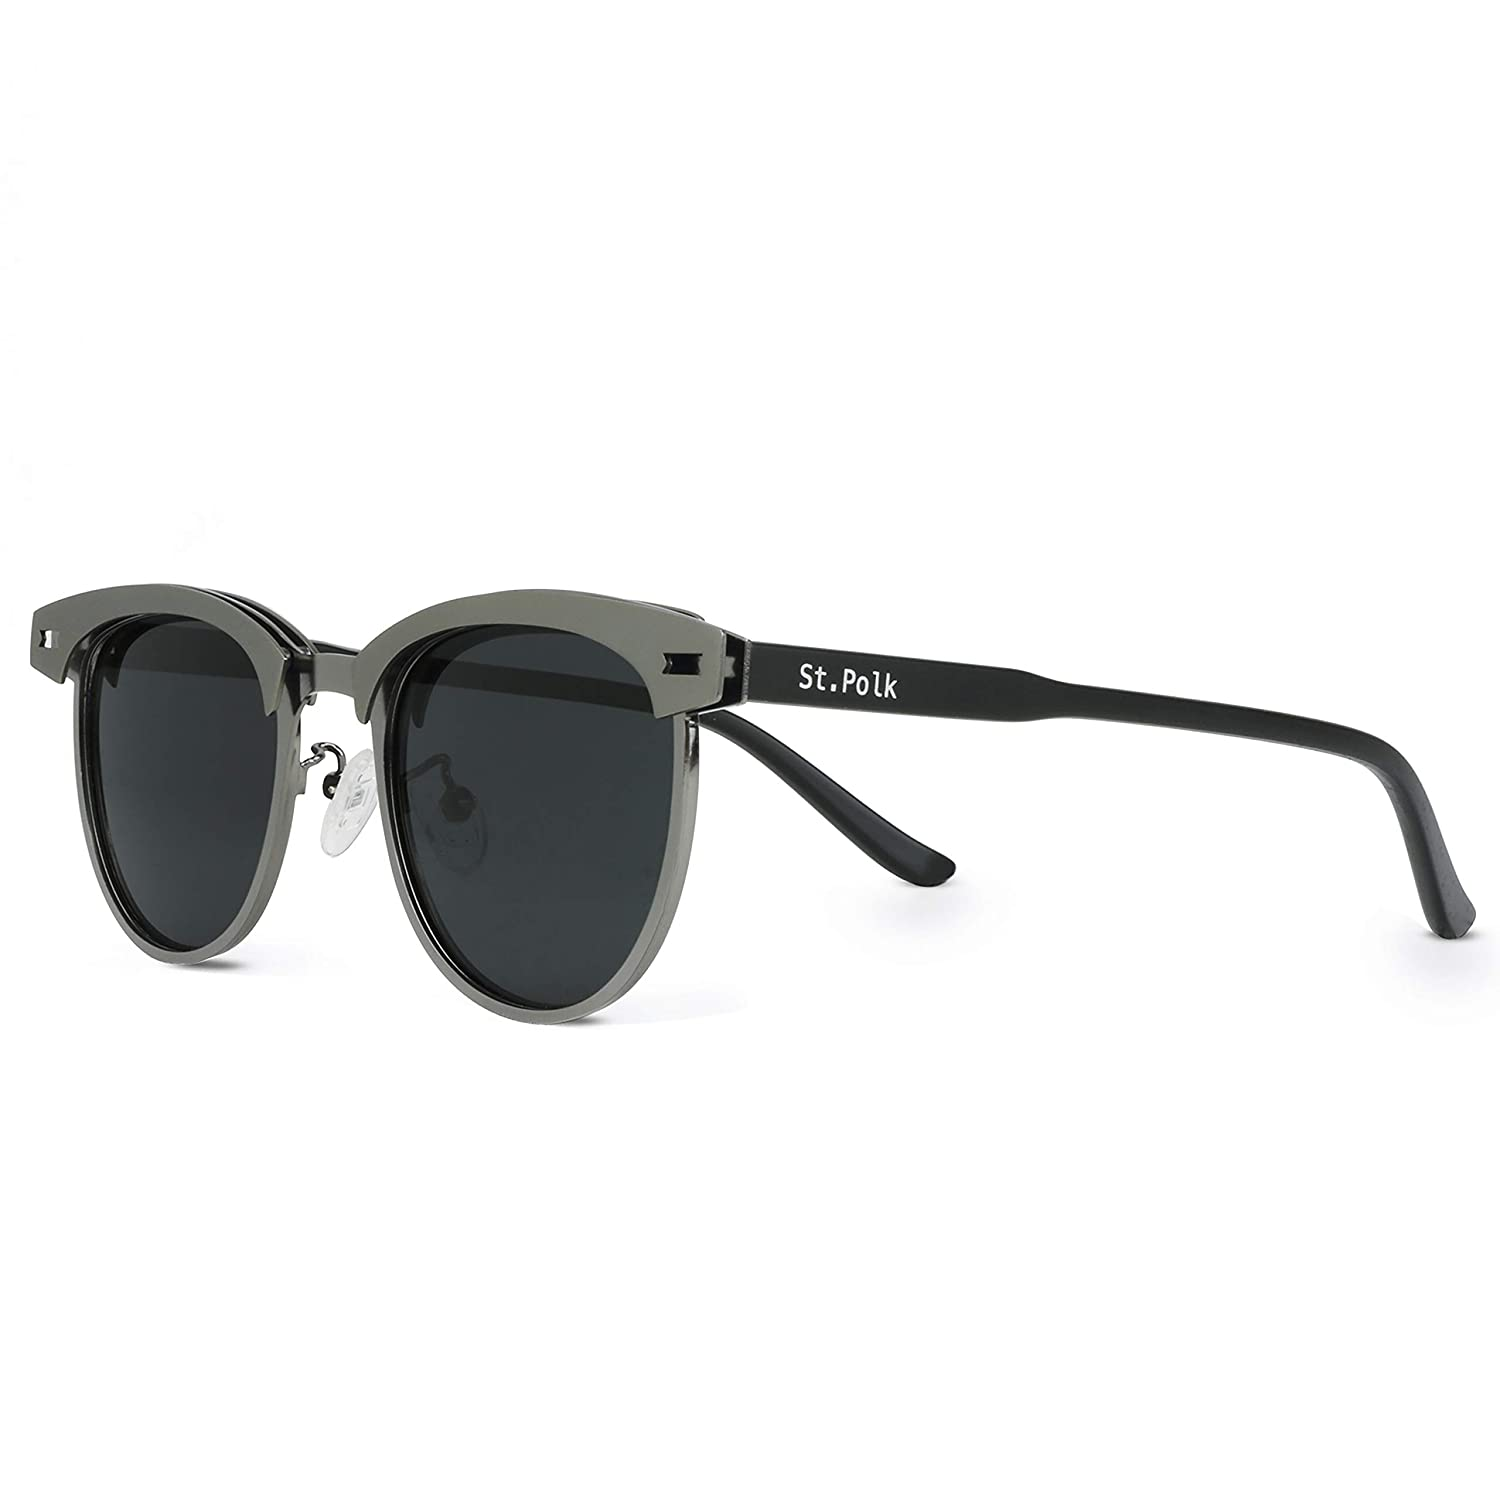 Polk Gafas de sol de Hombre//Mujer Polarizadas unisex efecto espejo lentes redondas ligeras muy resistentes St